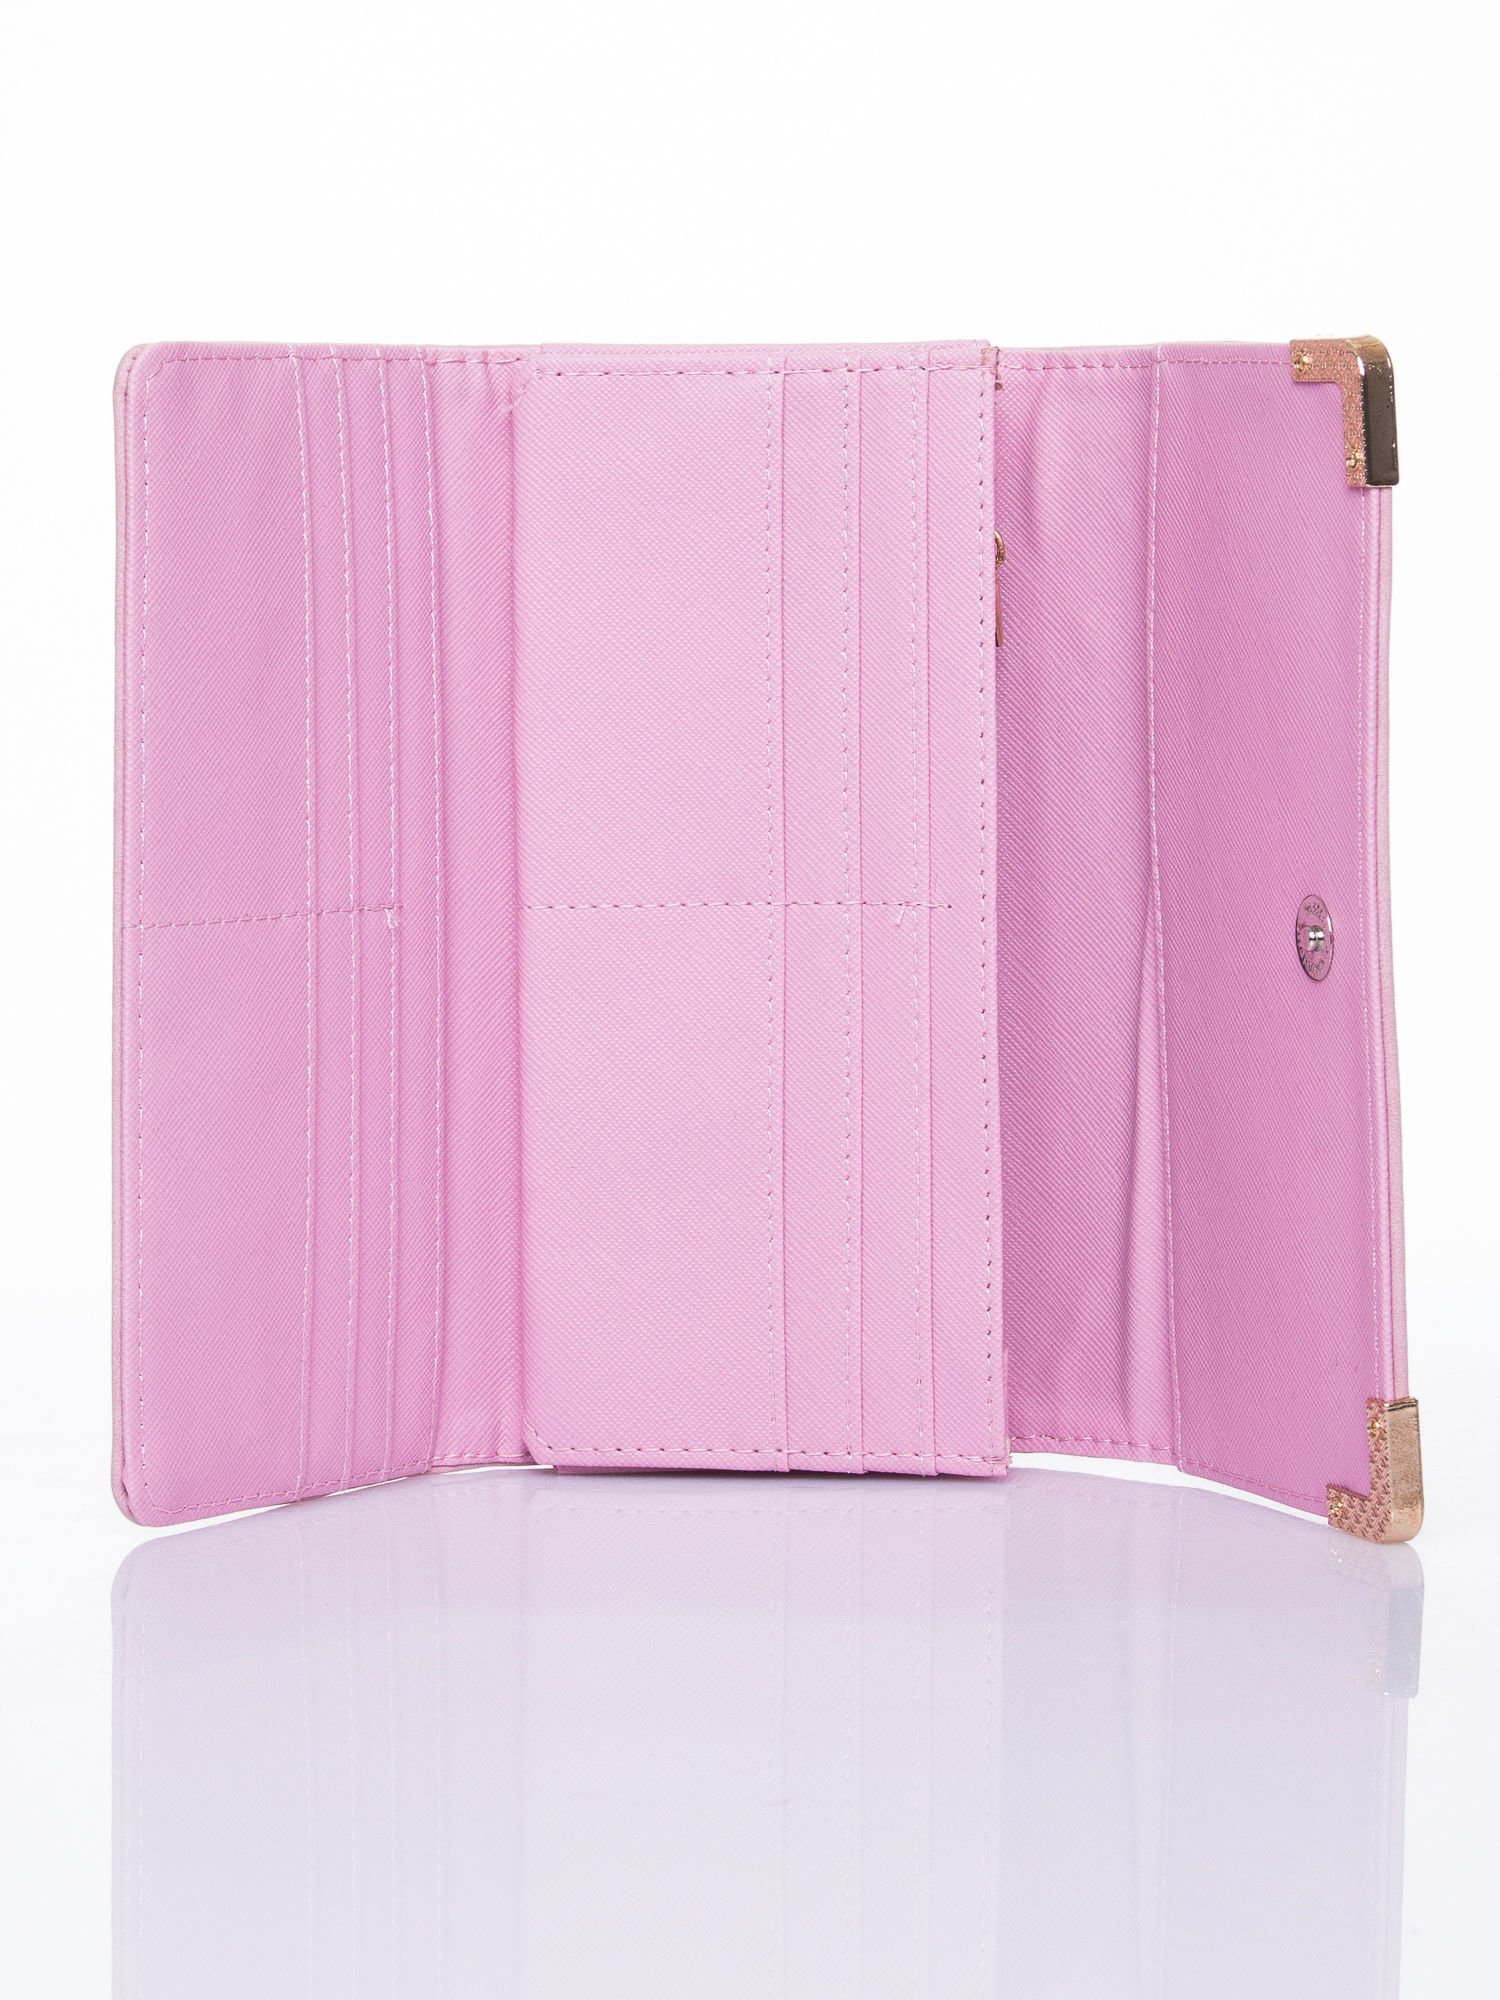 Różowy dziurkowany portfel ze złotym wykończeniem                                  zdj.                                  4